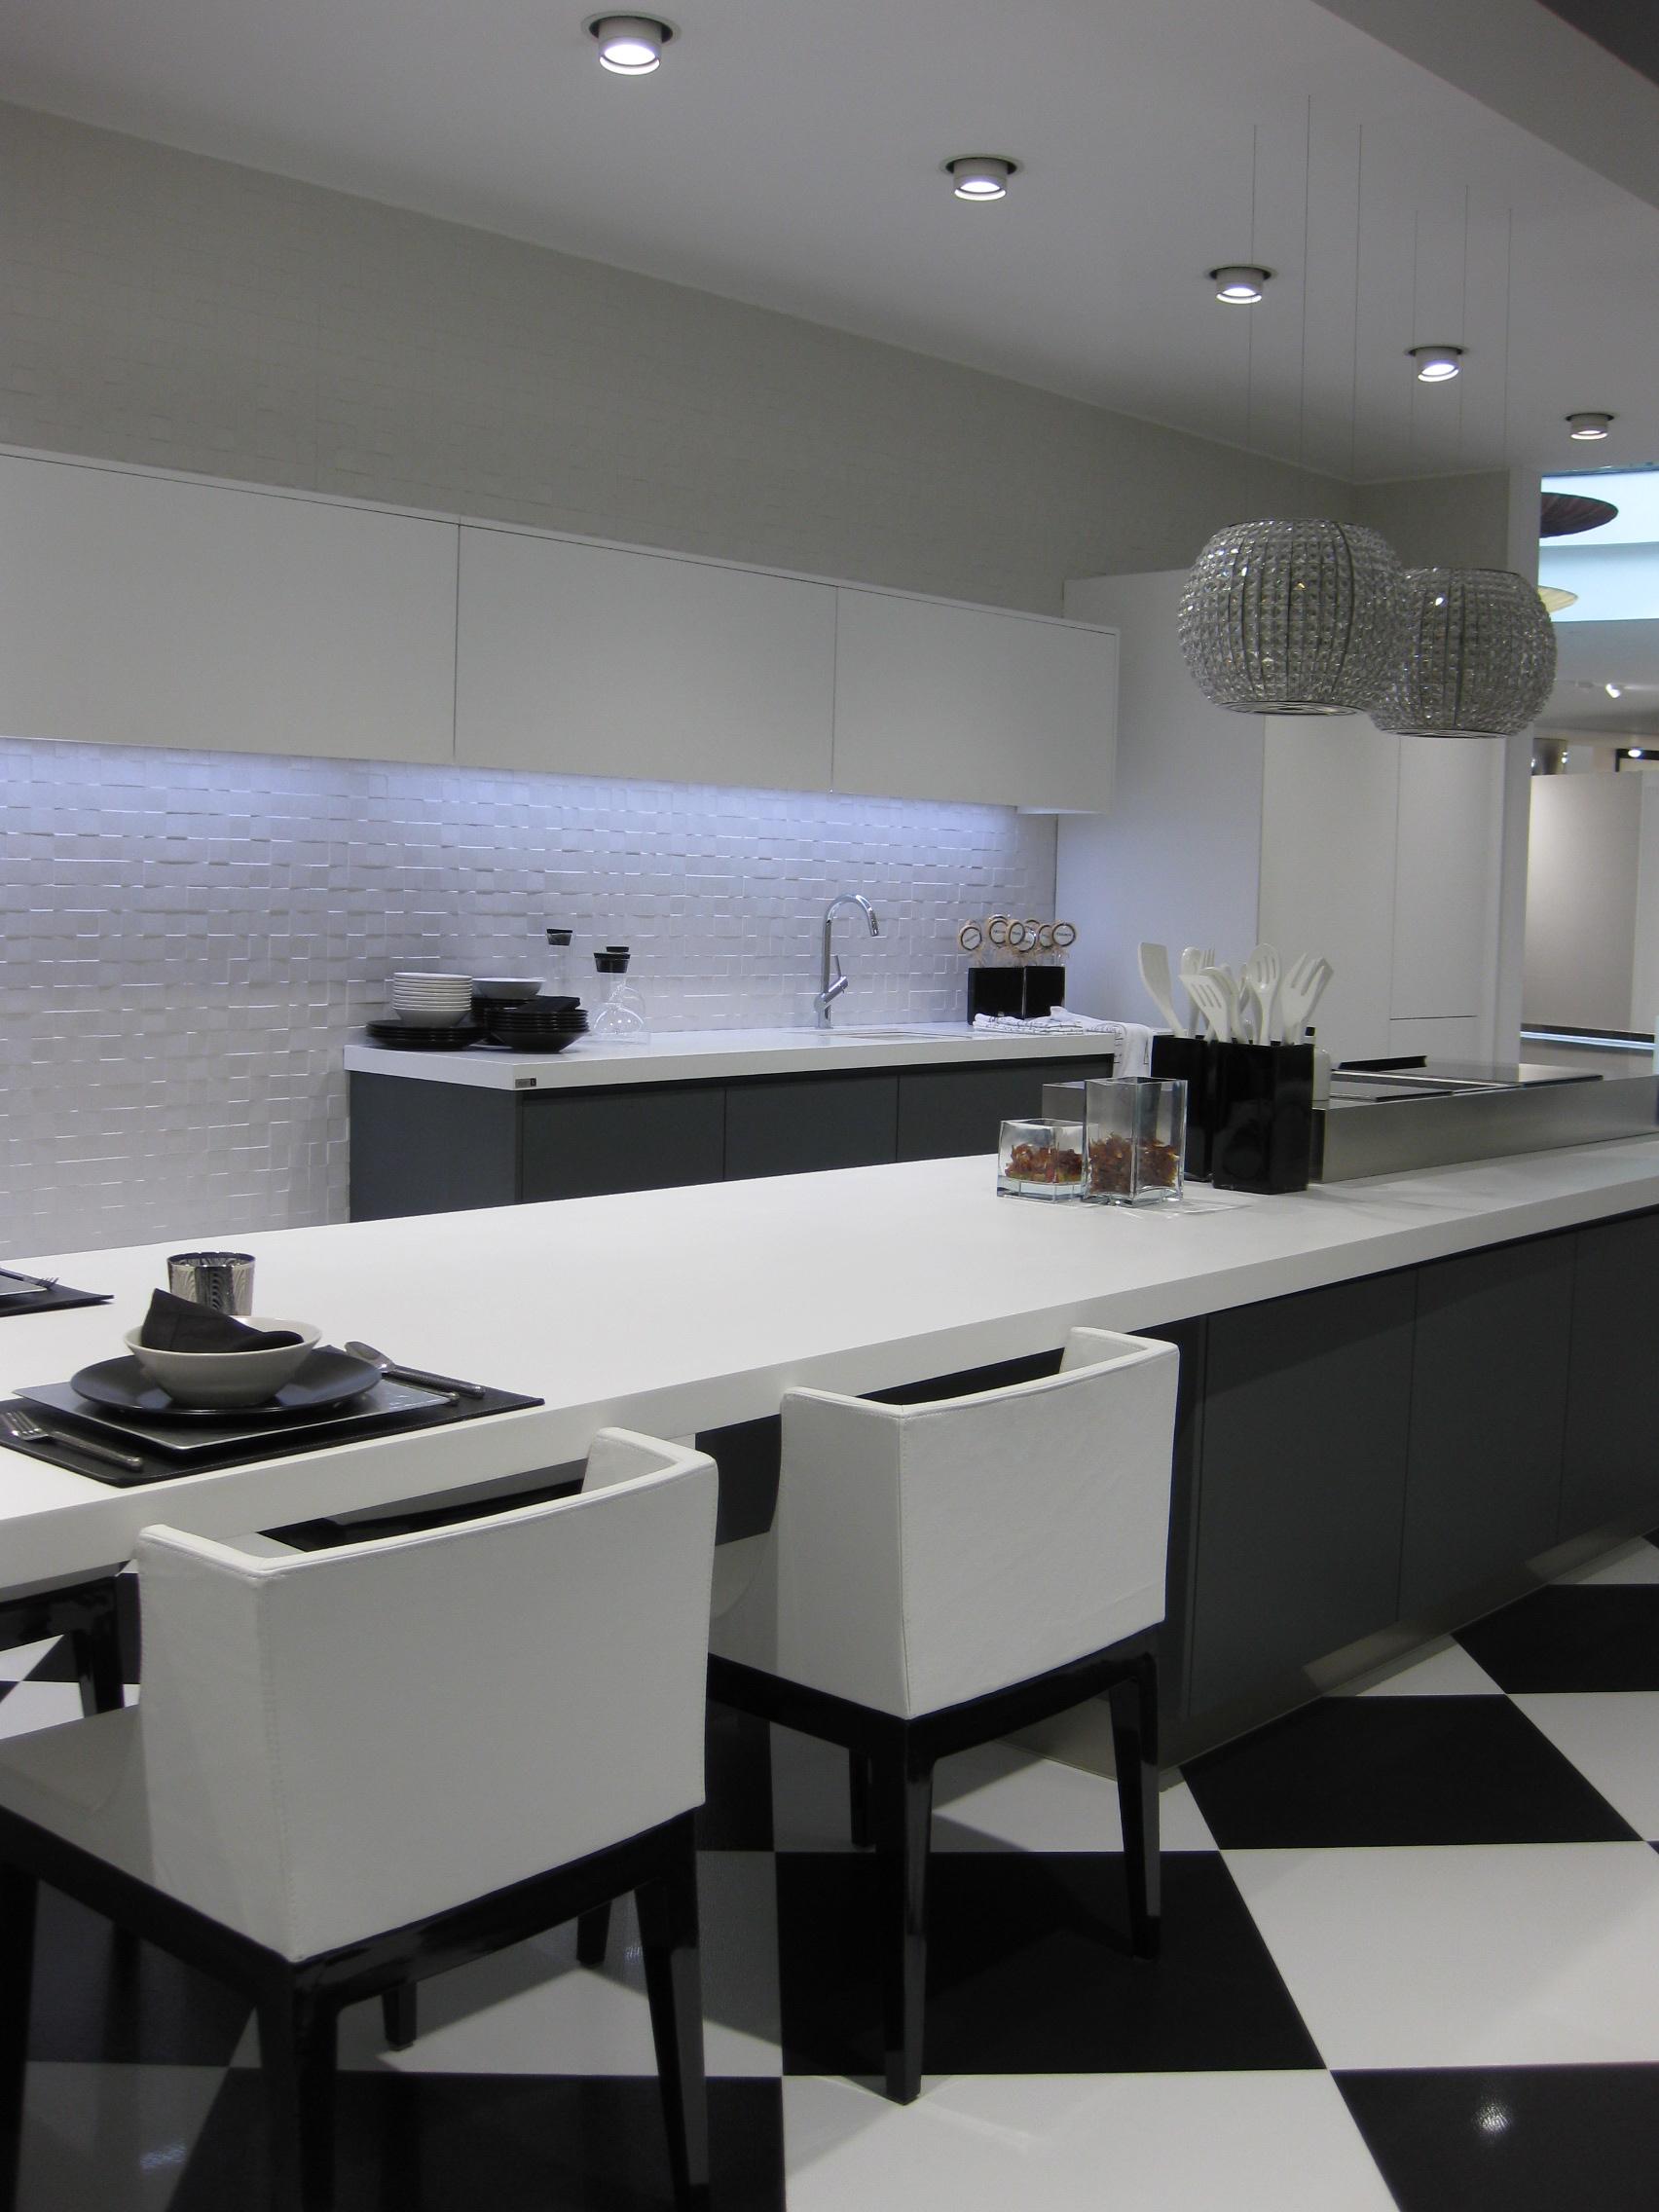 301 moved permanently - Cocinas porcelanosa precios ...